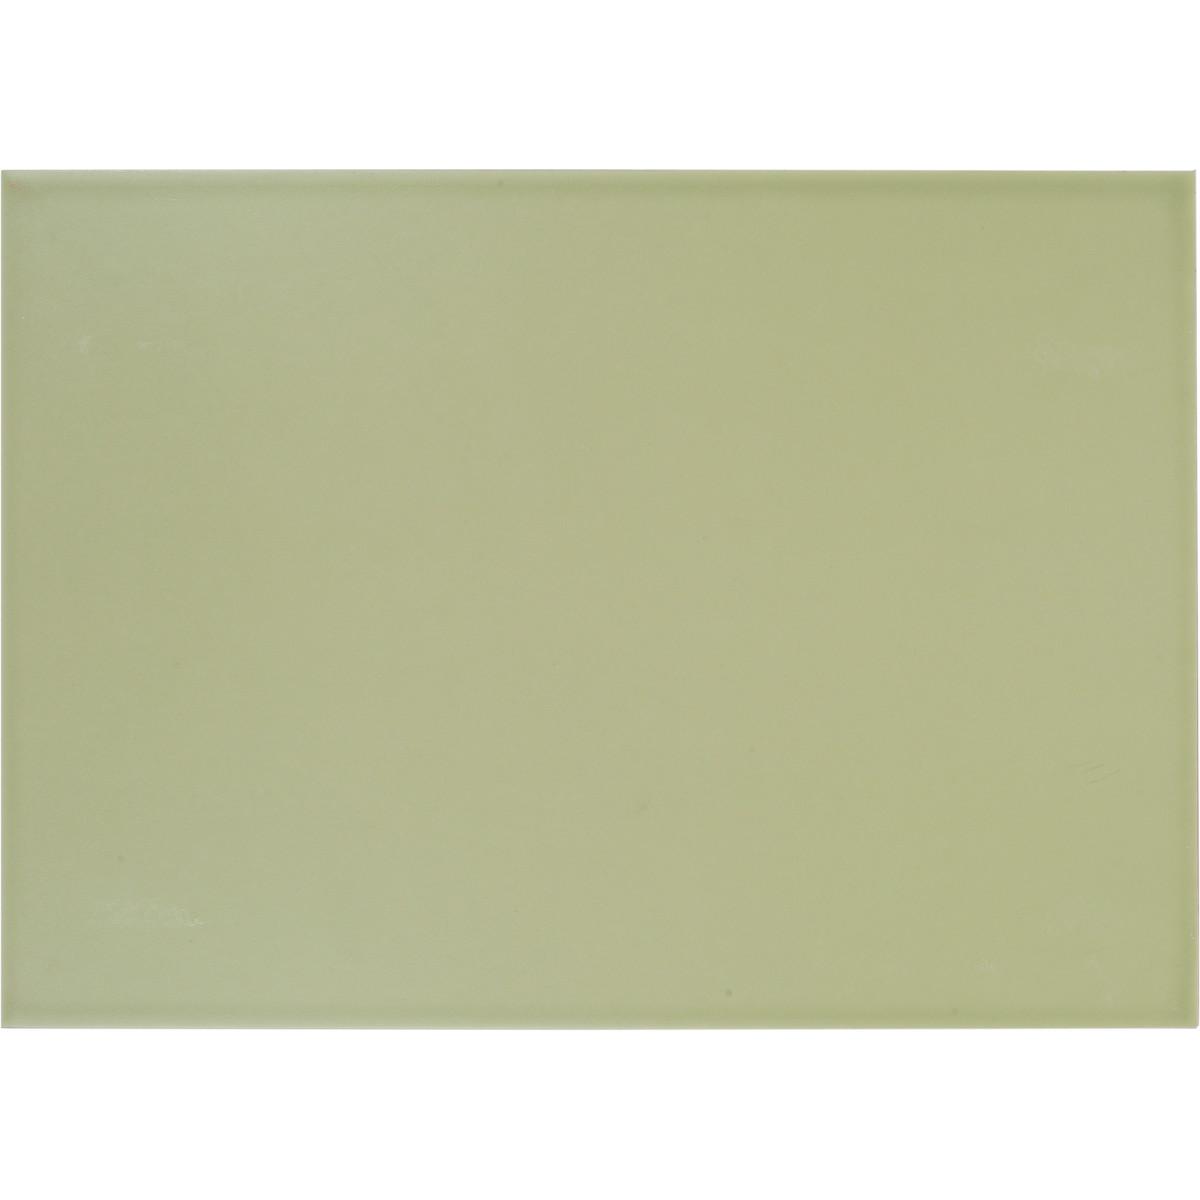 Плитка настенная Tone 25х35 см 1.4 м² цвет оливковый матовый